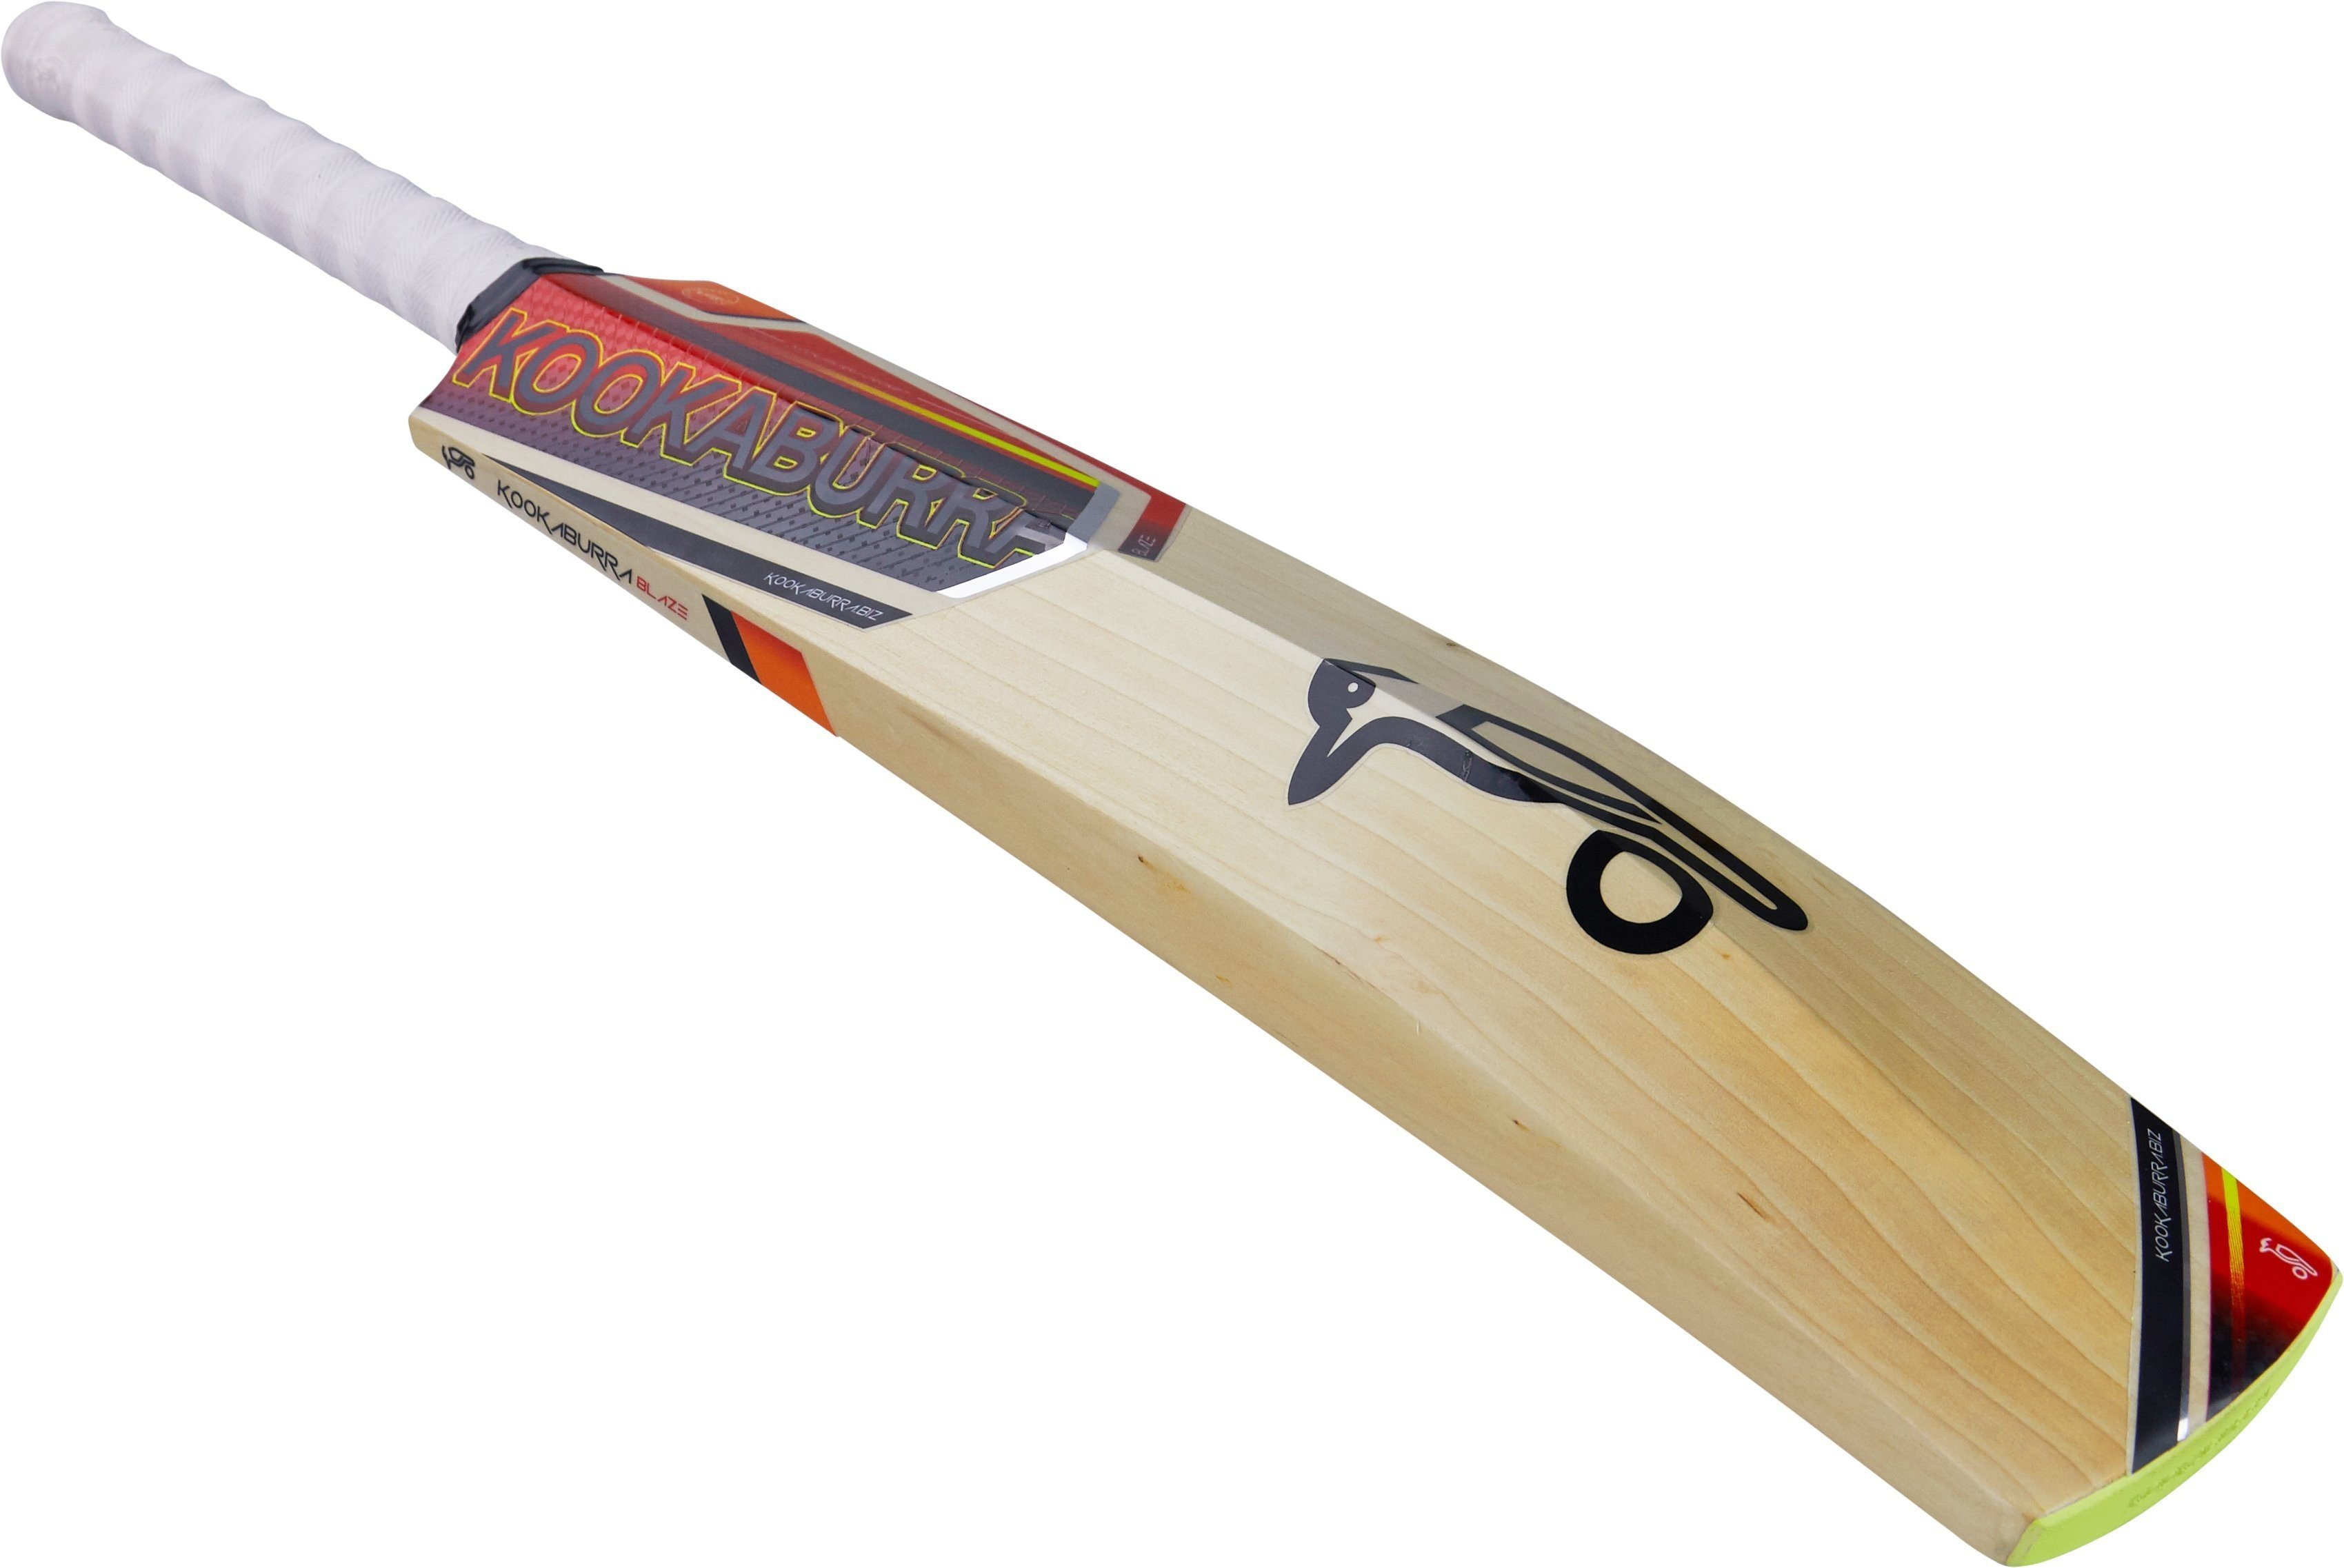 2017 Kookaburra Blaze 400 Junior Cricket Bat